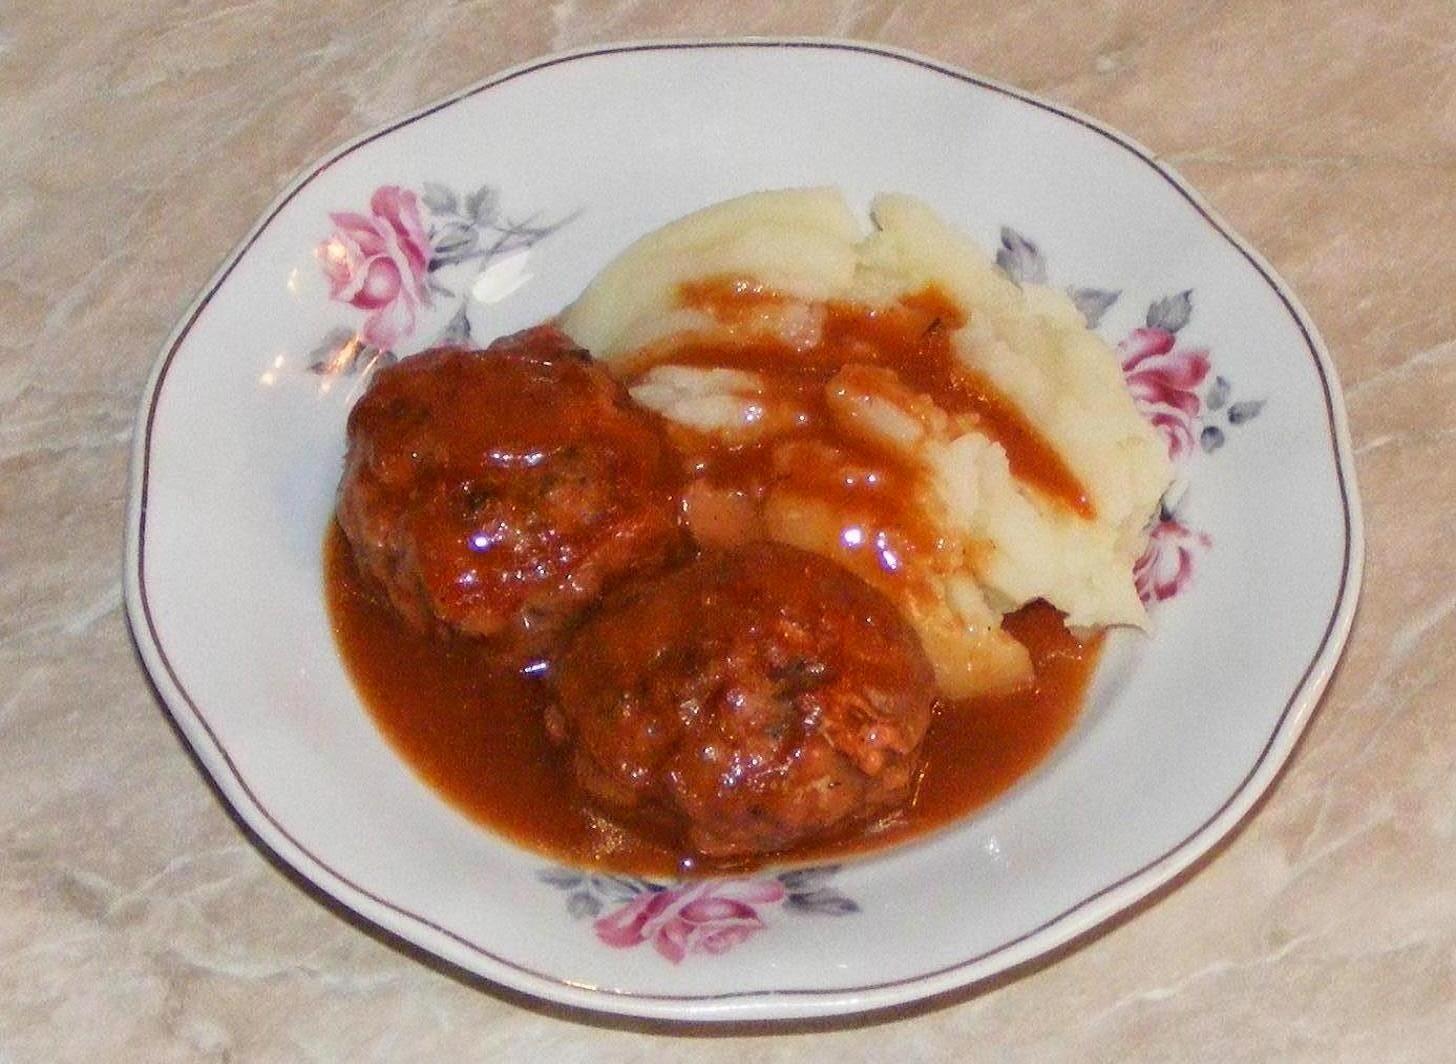 chiftele cu sos, reteta chiftele, chiftele, chiftele marinate, retete de mancare, sos cu chiftele, retete si preparate culinare cu carne de porc, chiftele cu carne de porc, mancaruri cu sos, chiftelute cu sos, retete chiftele,